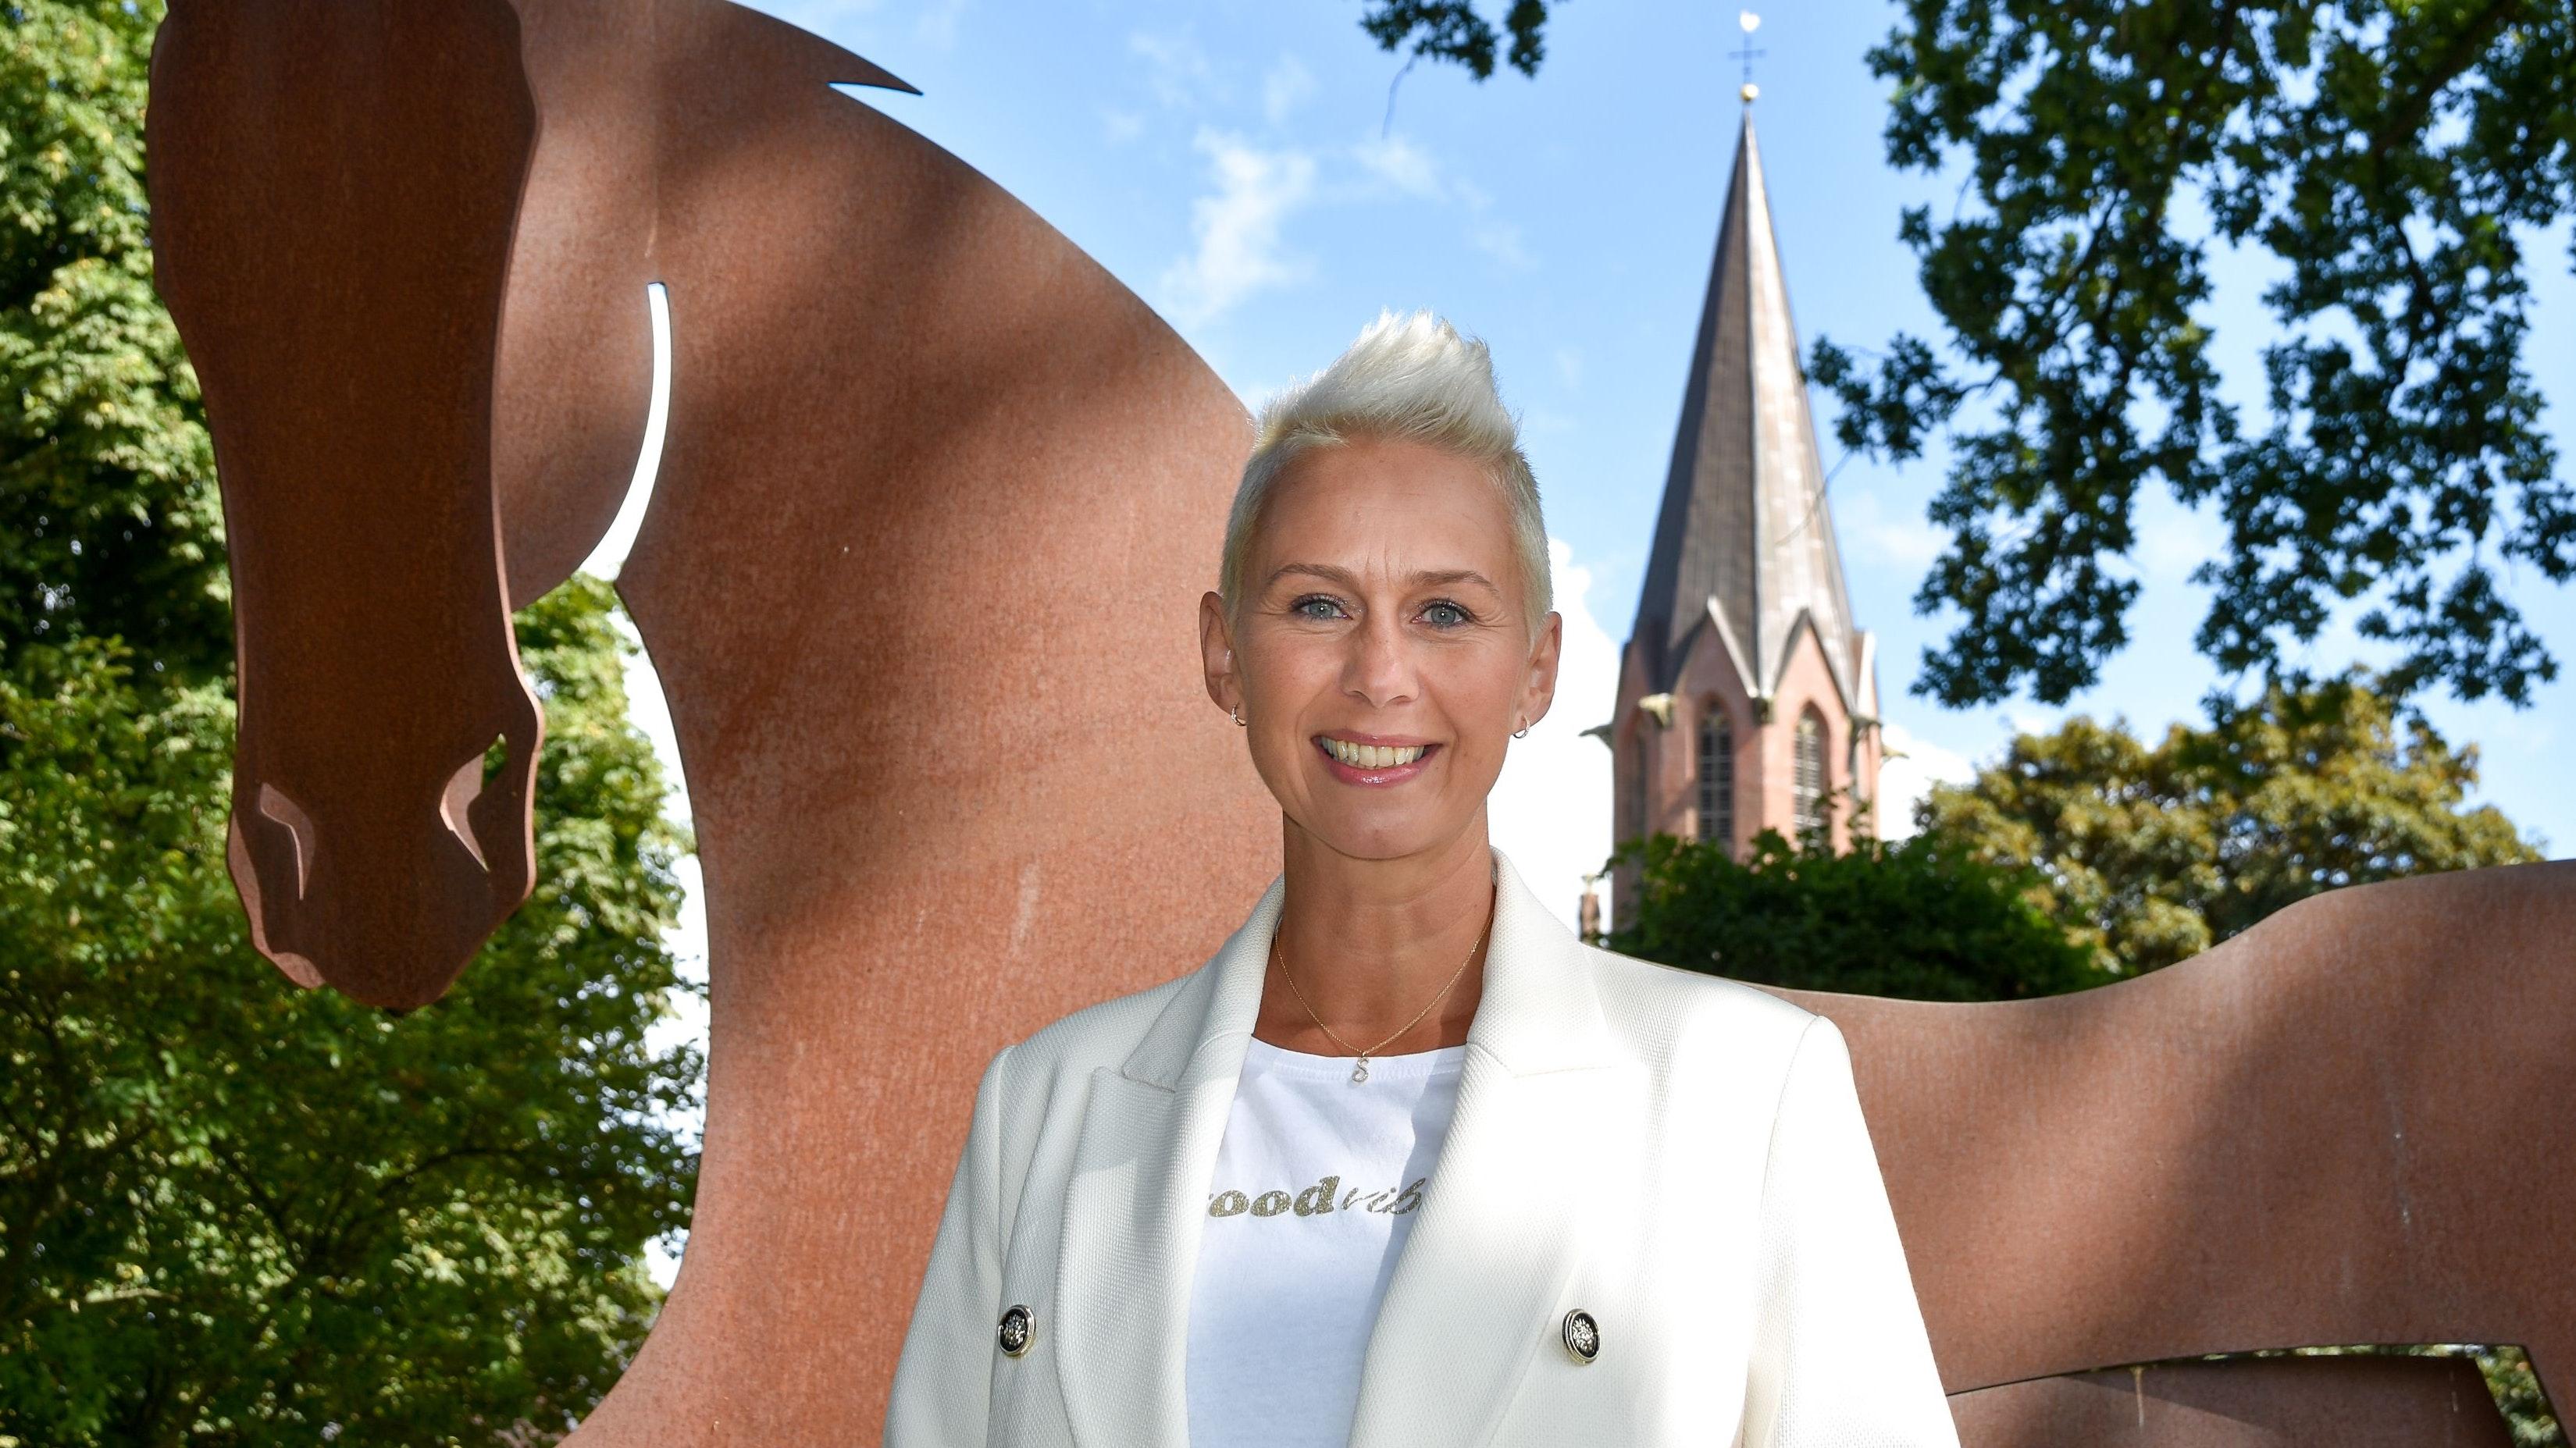 Setzt auf Experten vor Ort: Die CDU-Abgeordnete und stellvertretende Parteivorsitzende Silvia Breher in Lindern. Foto: Tzimurtas